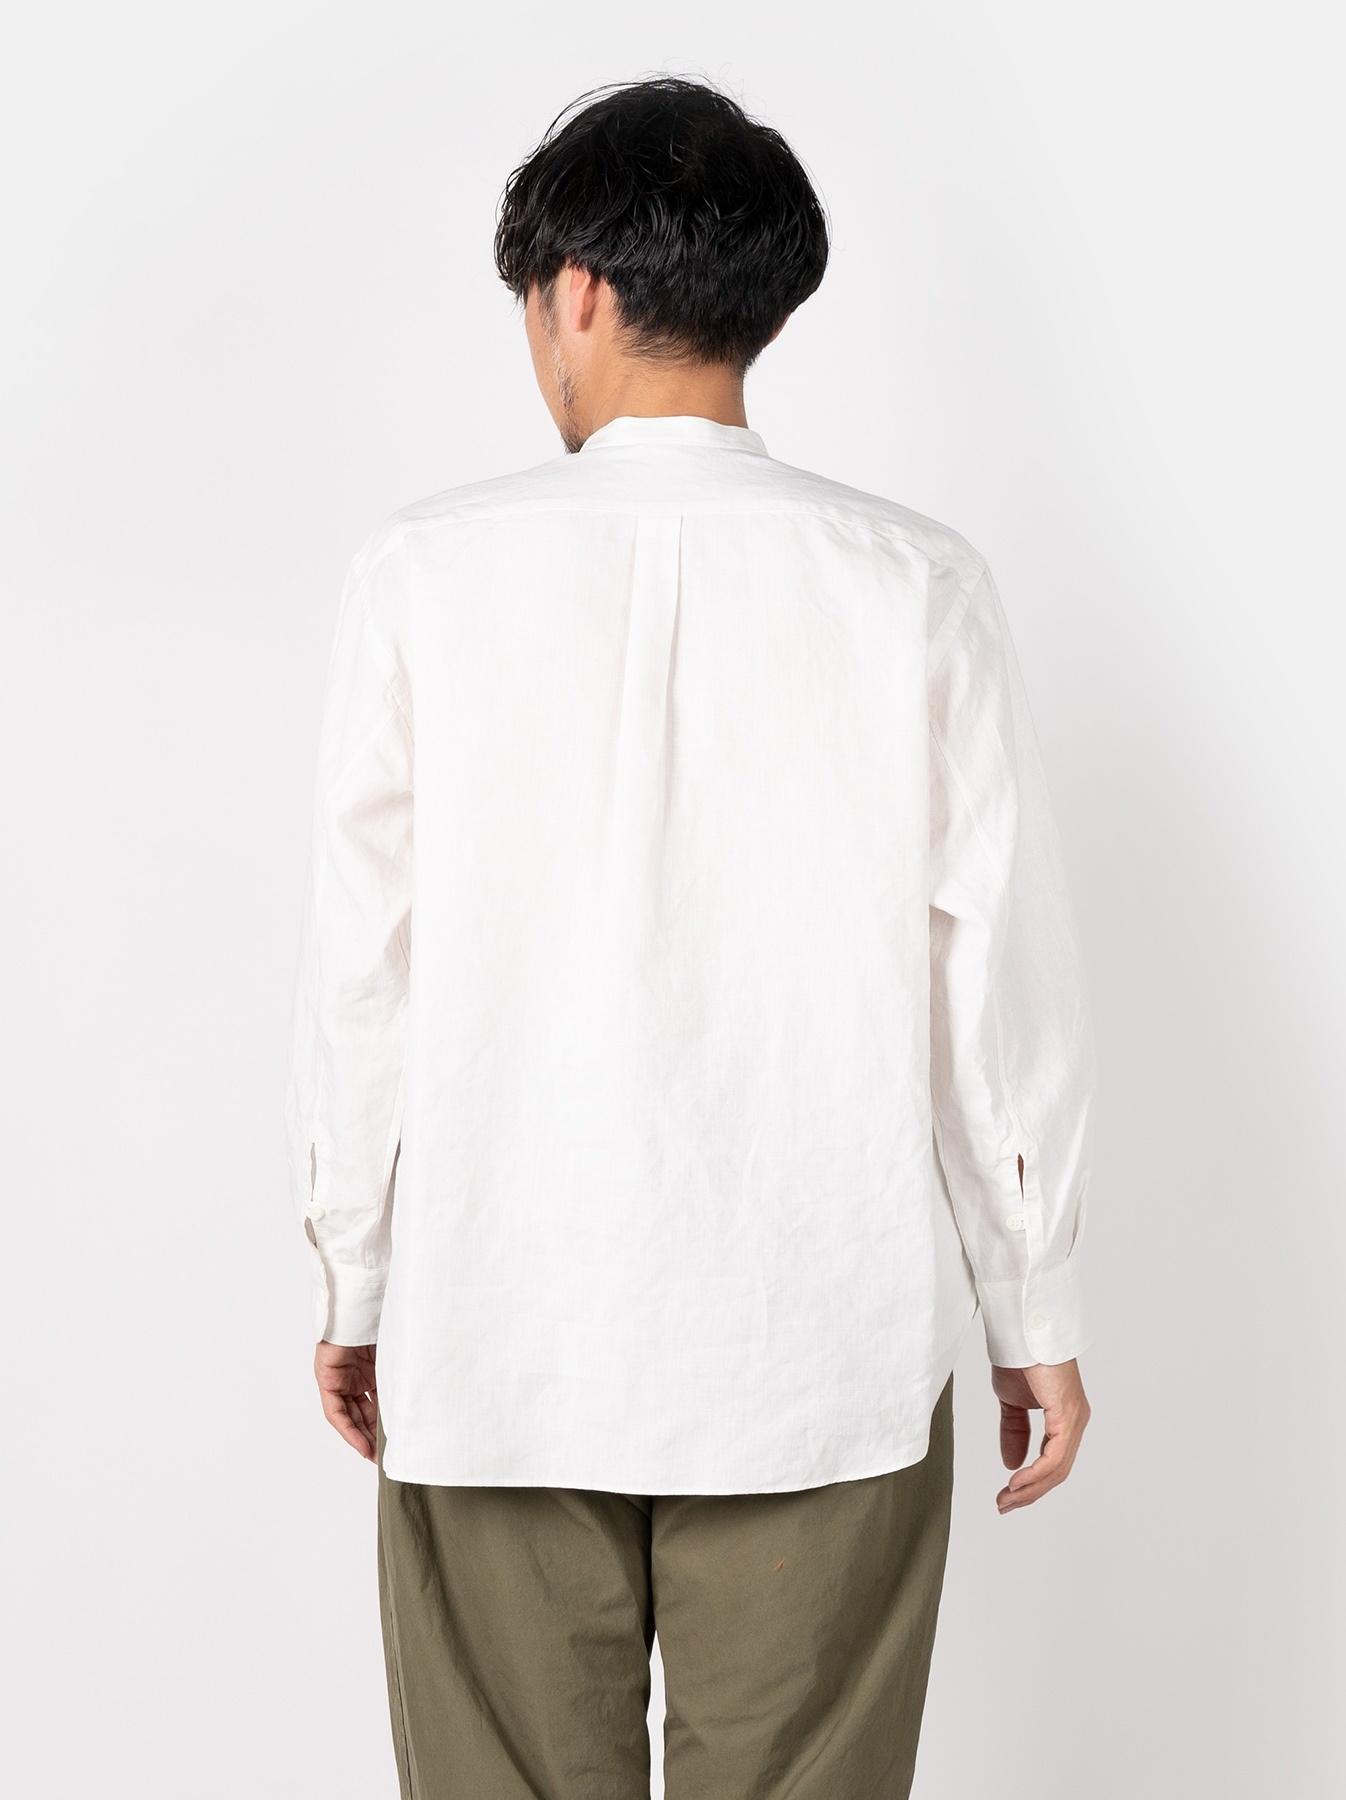 WH Linen Pin-tuck 908 Shirt-5